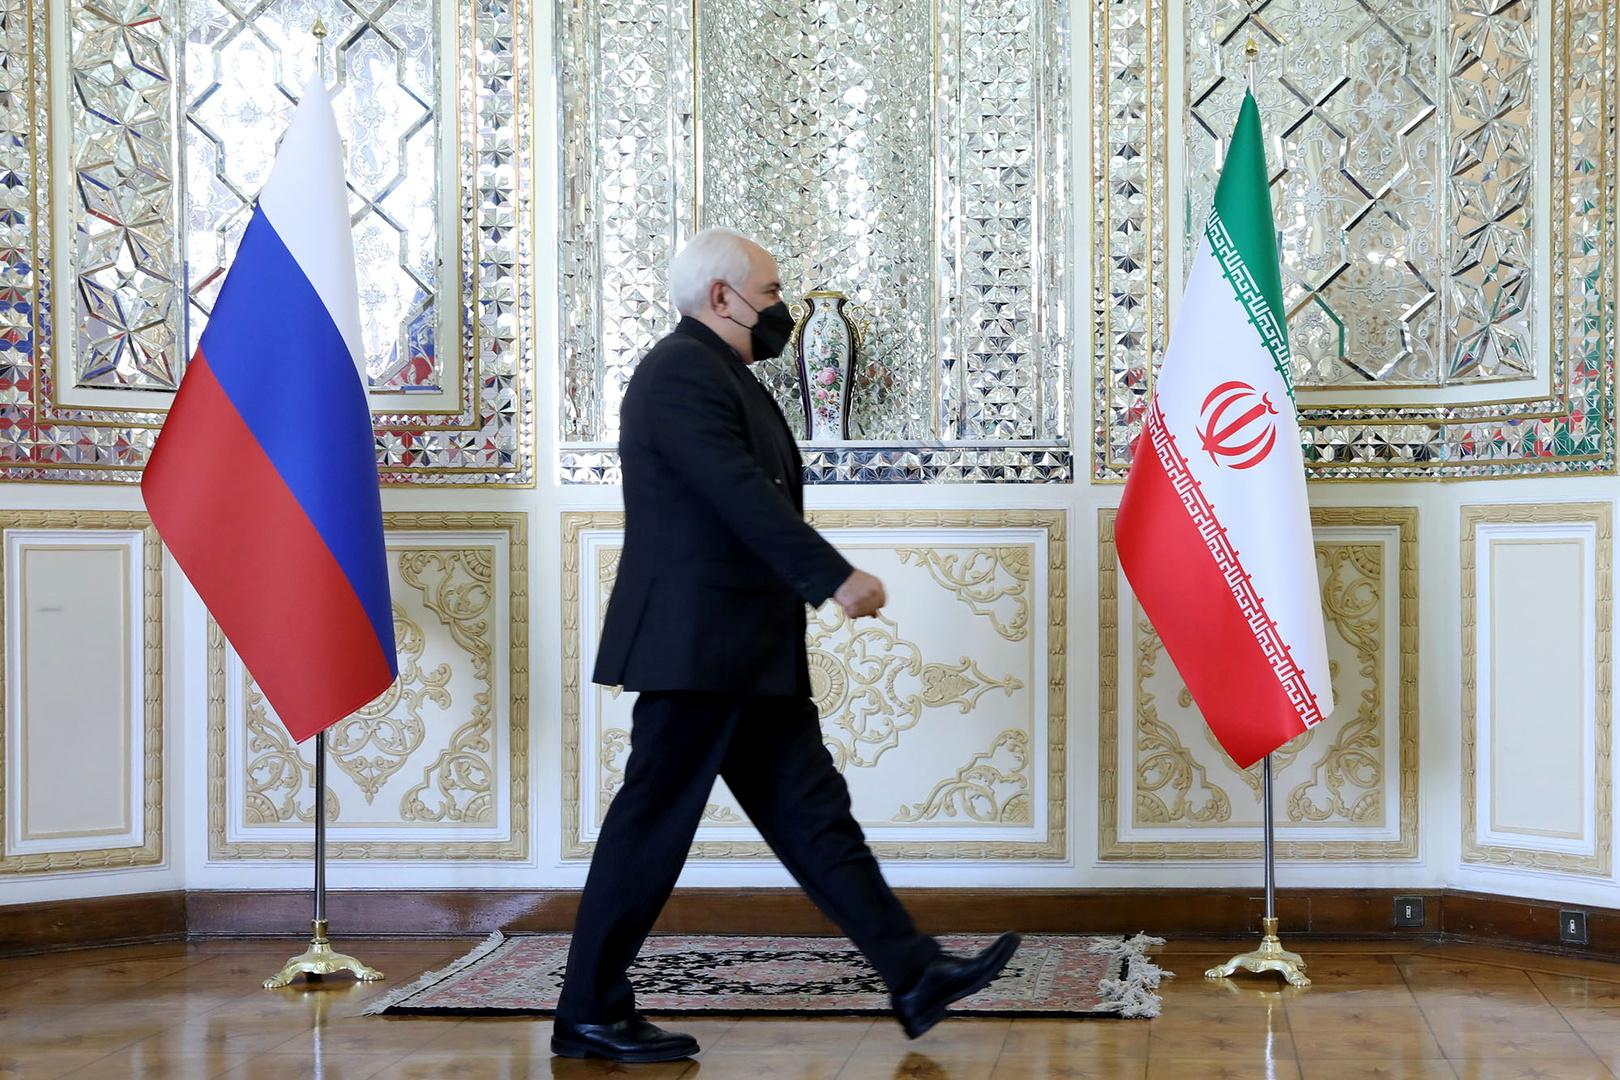 ظريف: يجب أن تدرك واشنطن أن العمل التخريبي في نطنز سيصعب المفاوضات في فيينا